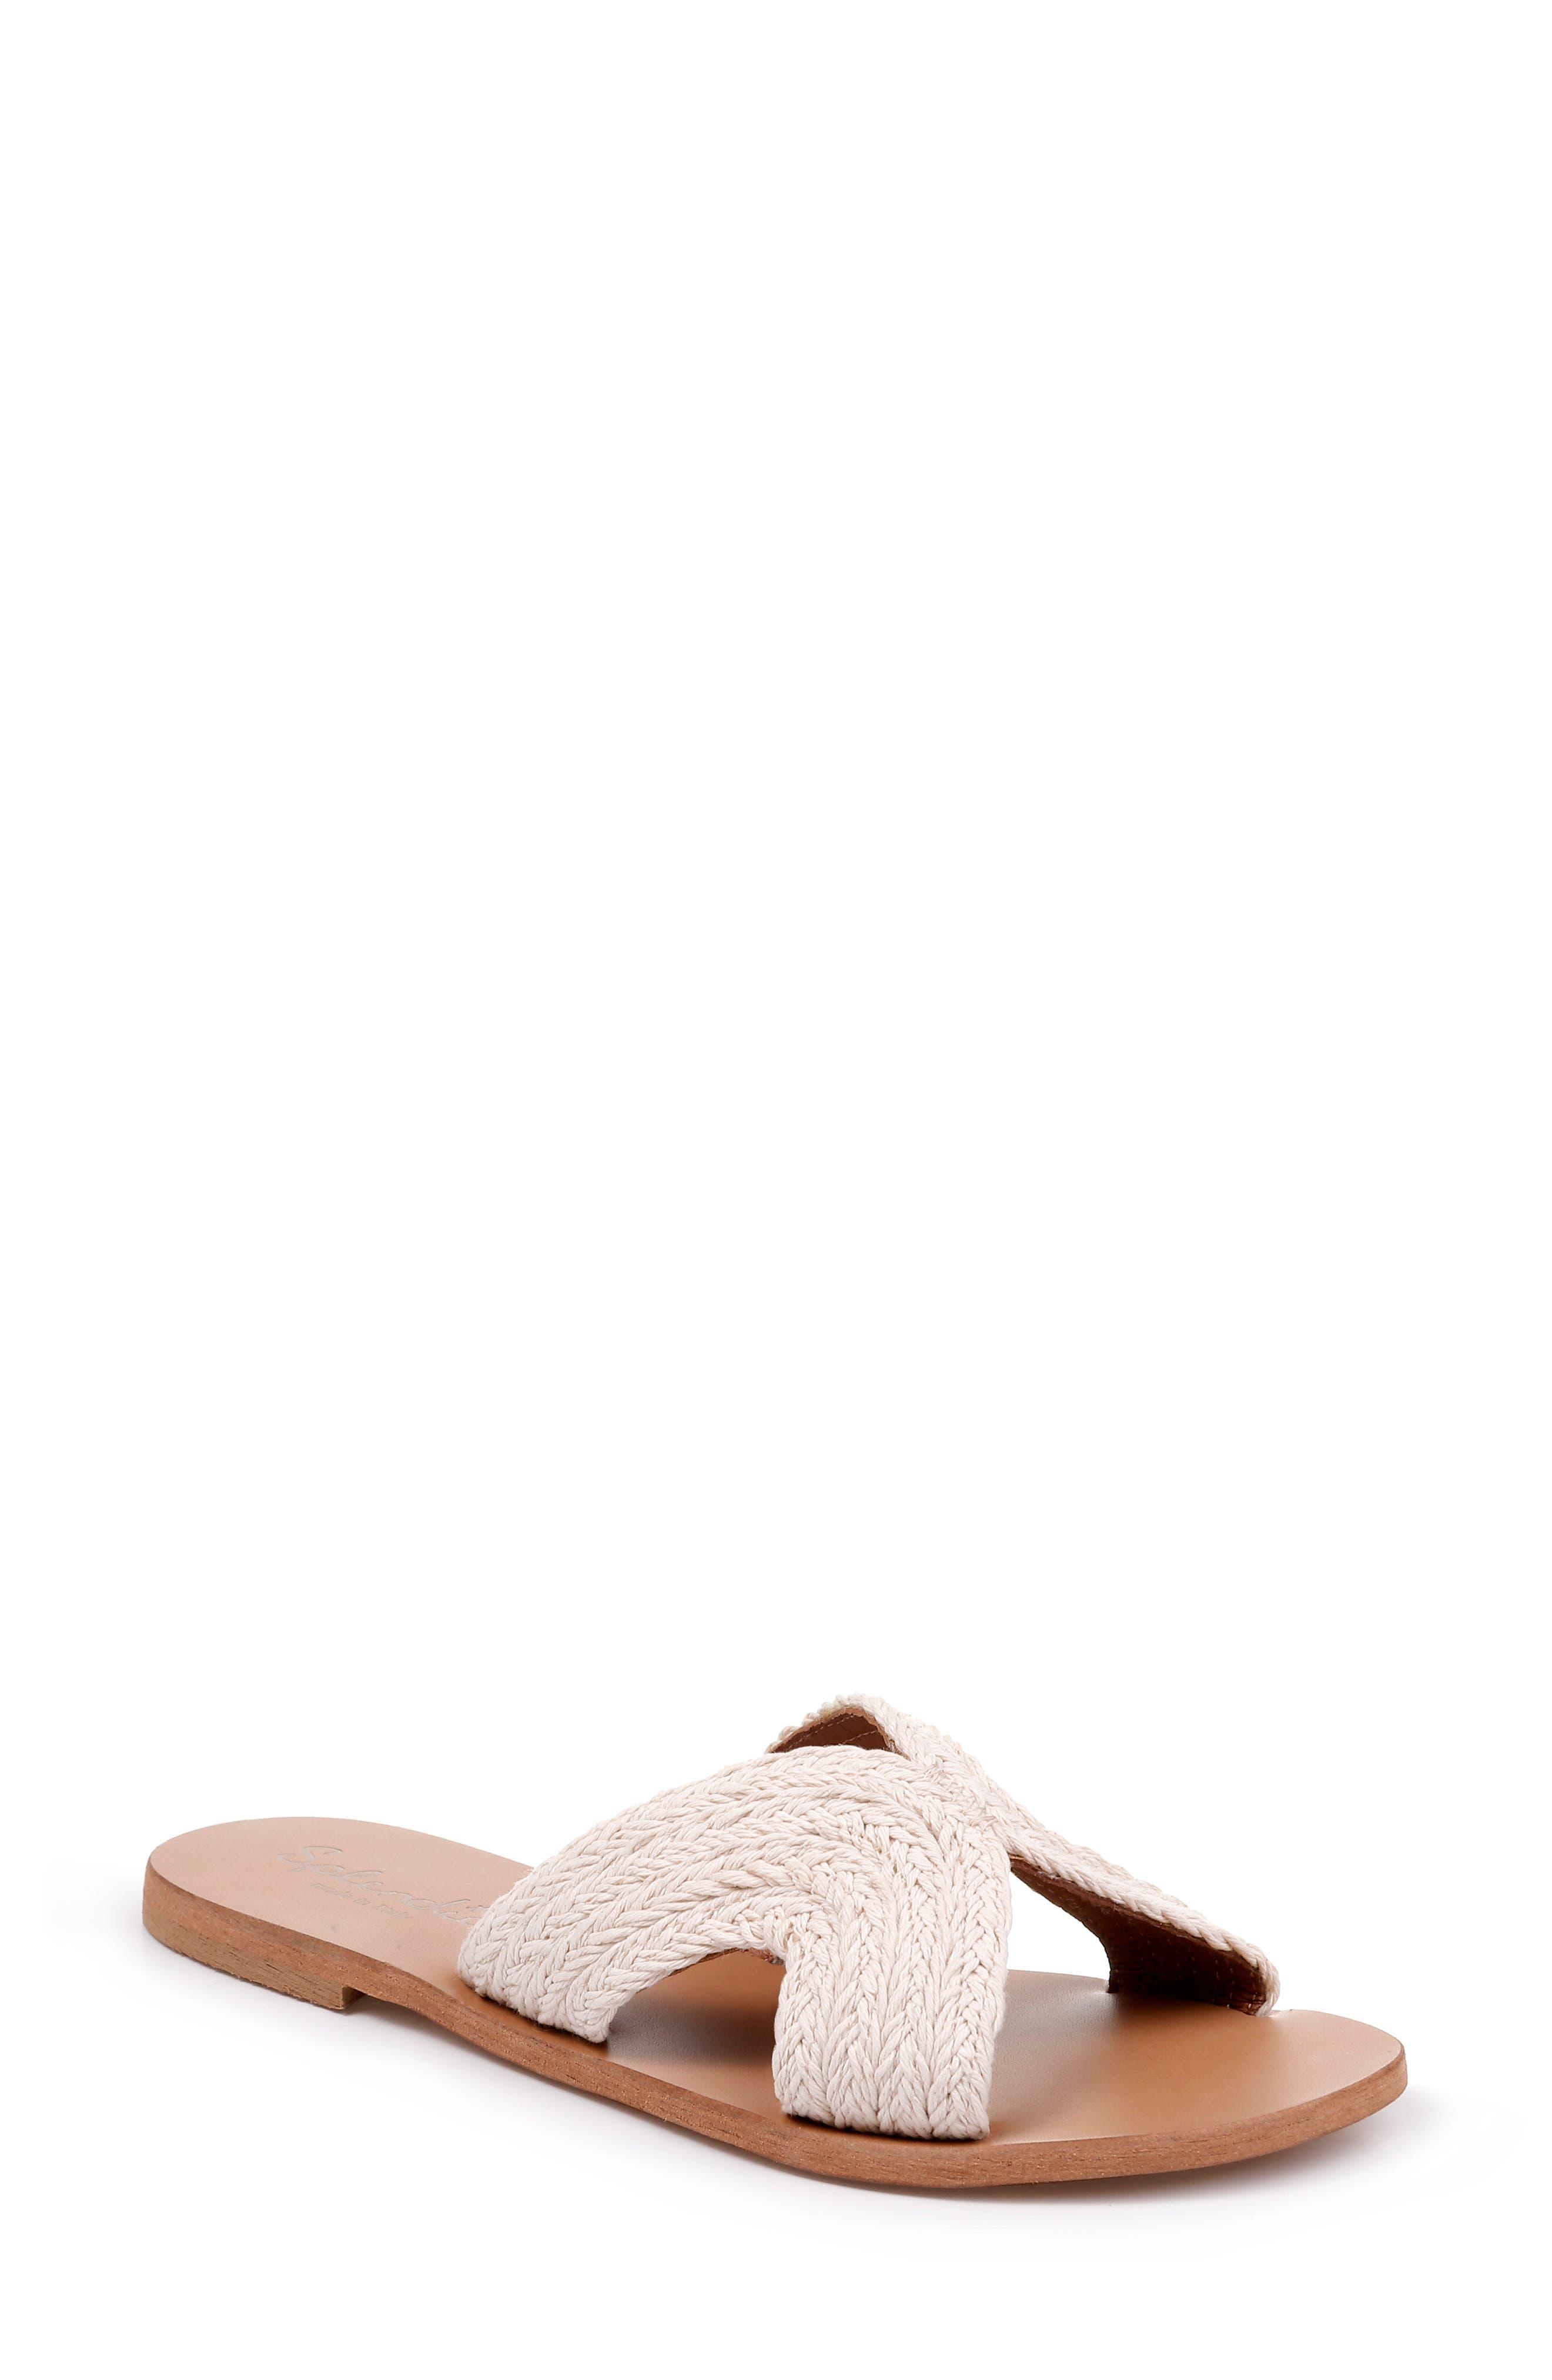 Splendid Sydney Woven Slide Sandal, Beige